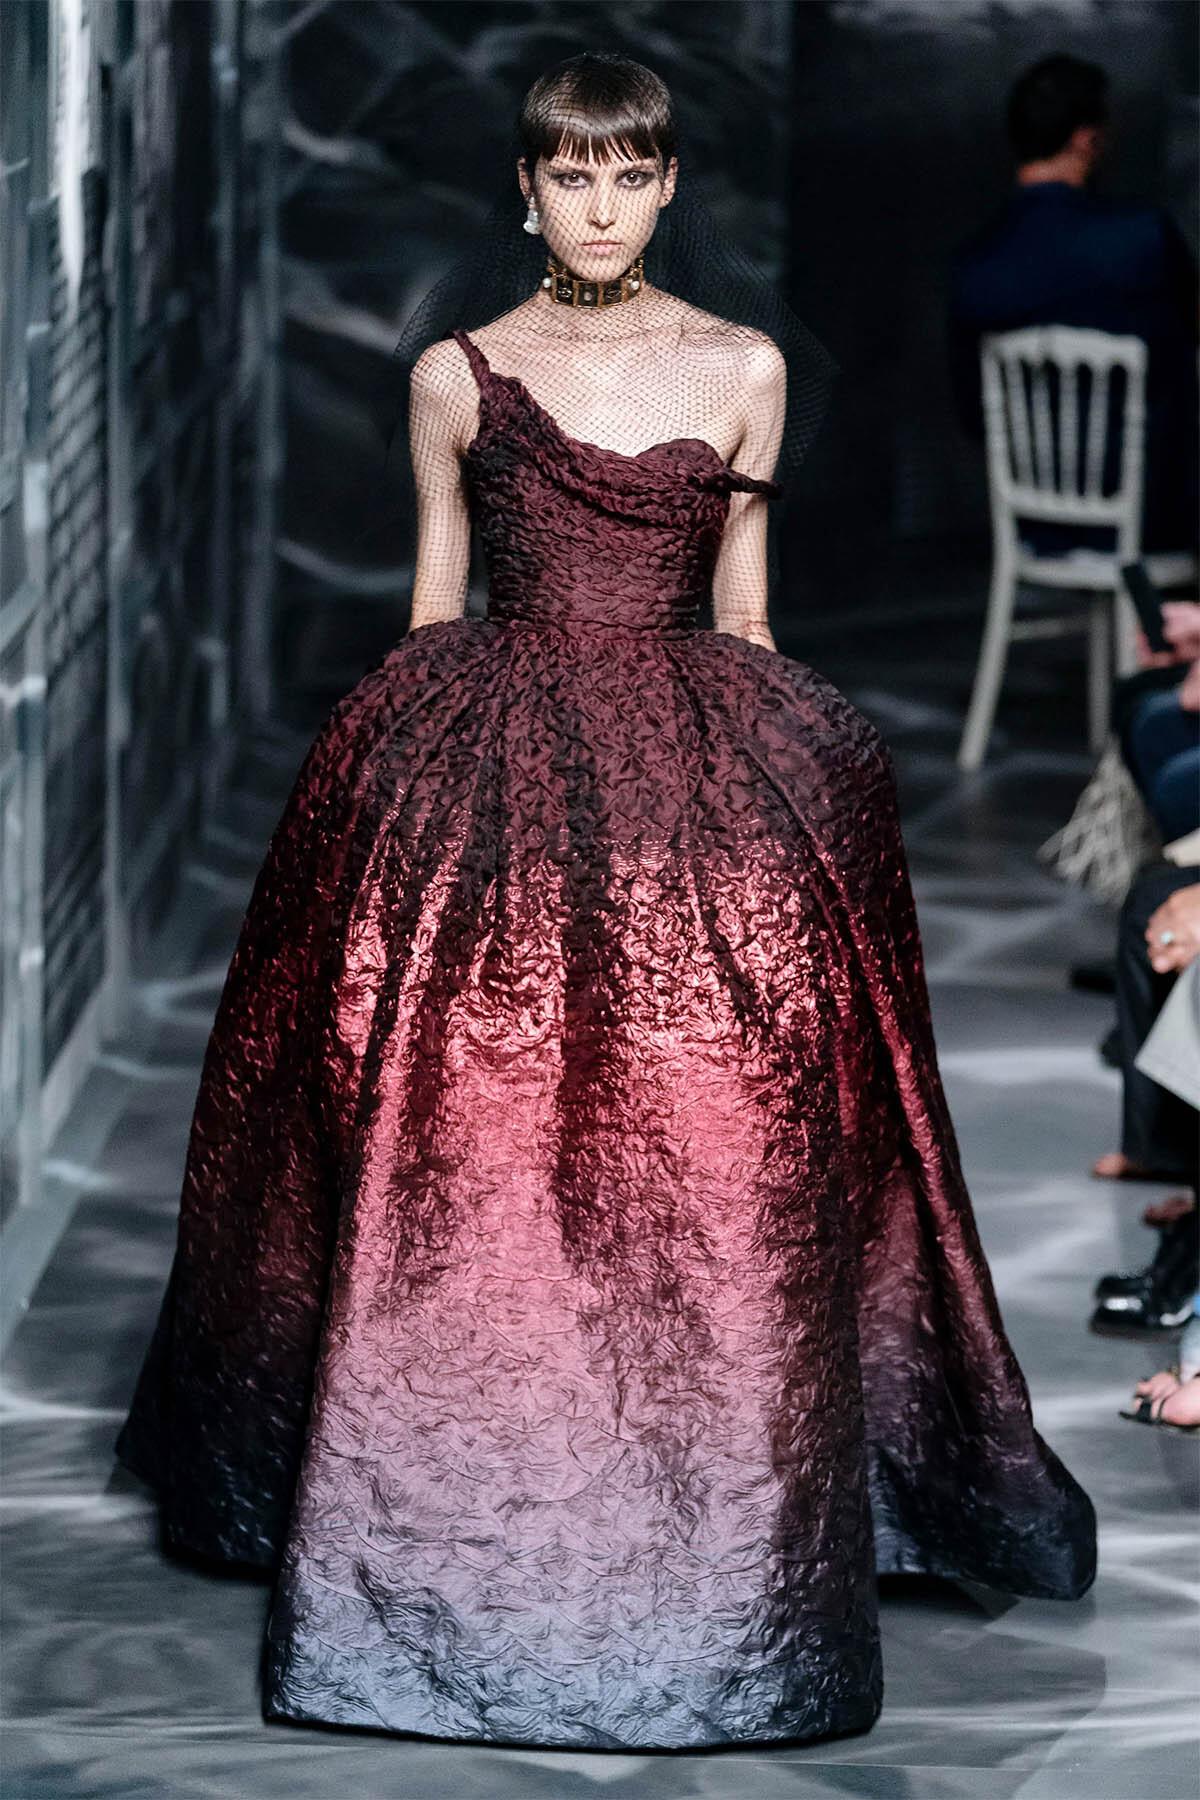 Angela Baby cũng có ngày lép vế khi diện đồ Dior, nhan sắc 10 điểm nhưng thần thái kém cạnh hẳn chị đại trên thảm đỏ Cannes - Ảnh 5.